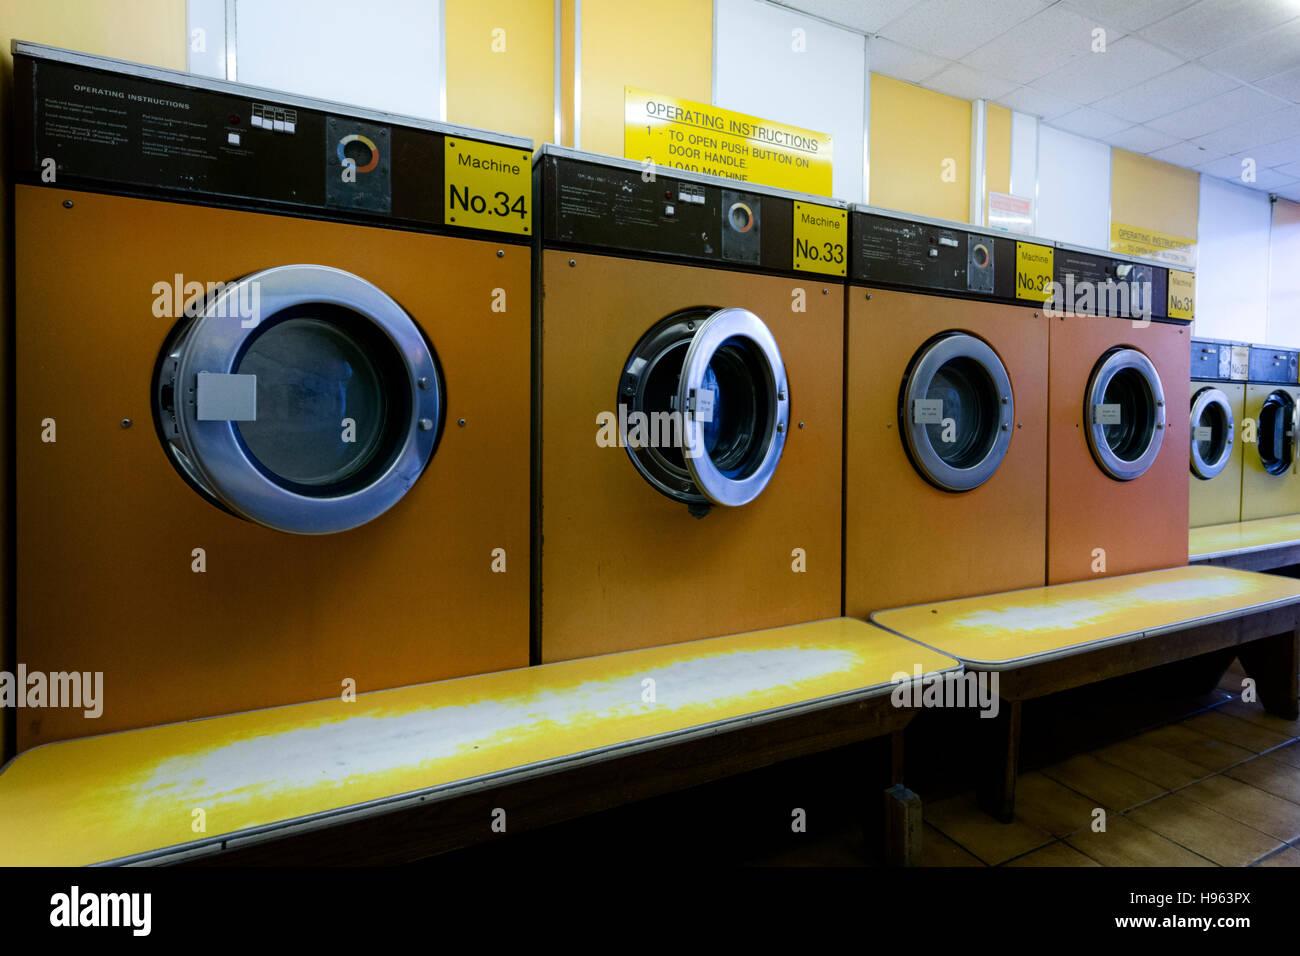 Laundrette, washing, drying machines - Stock Image